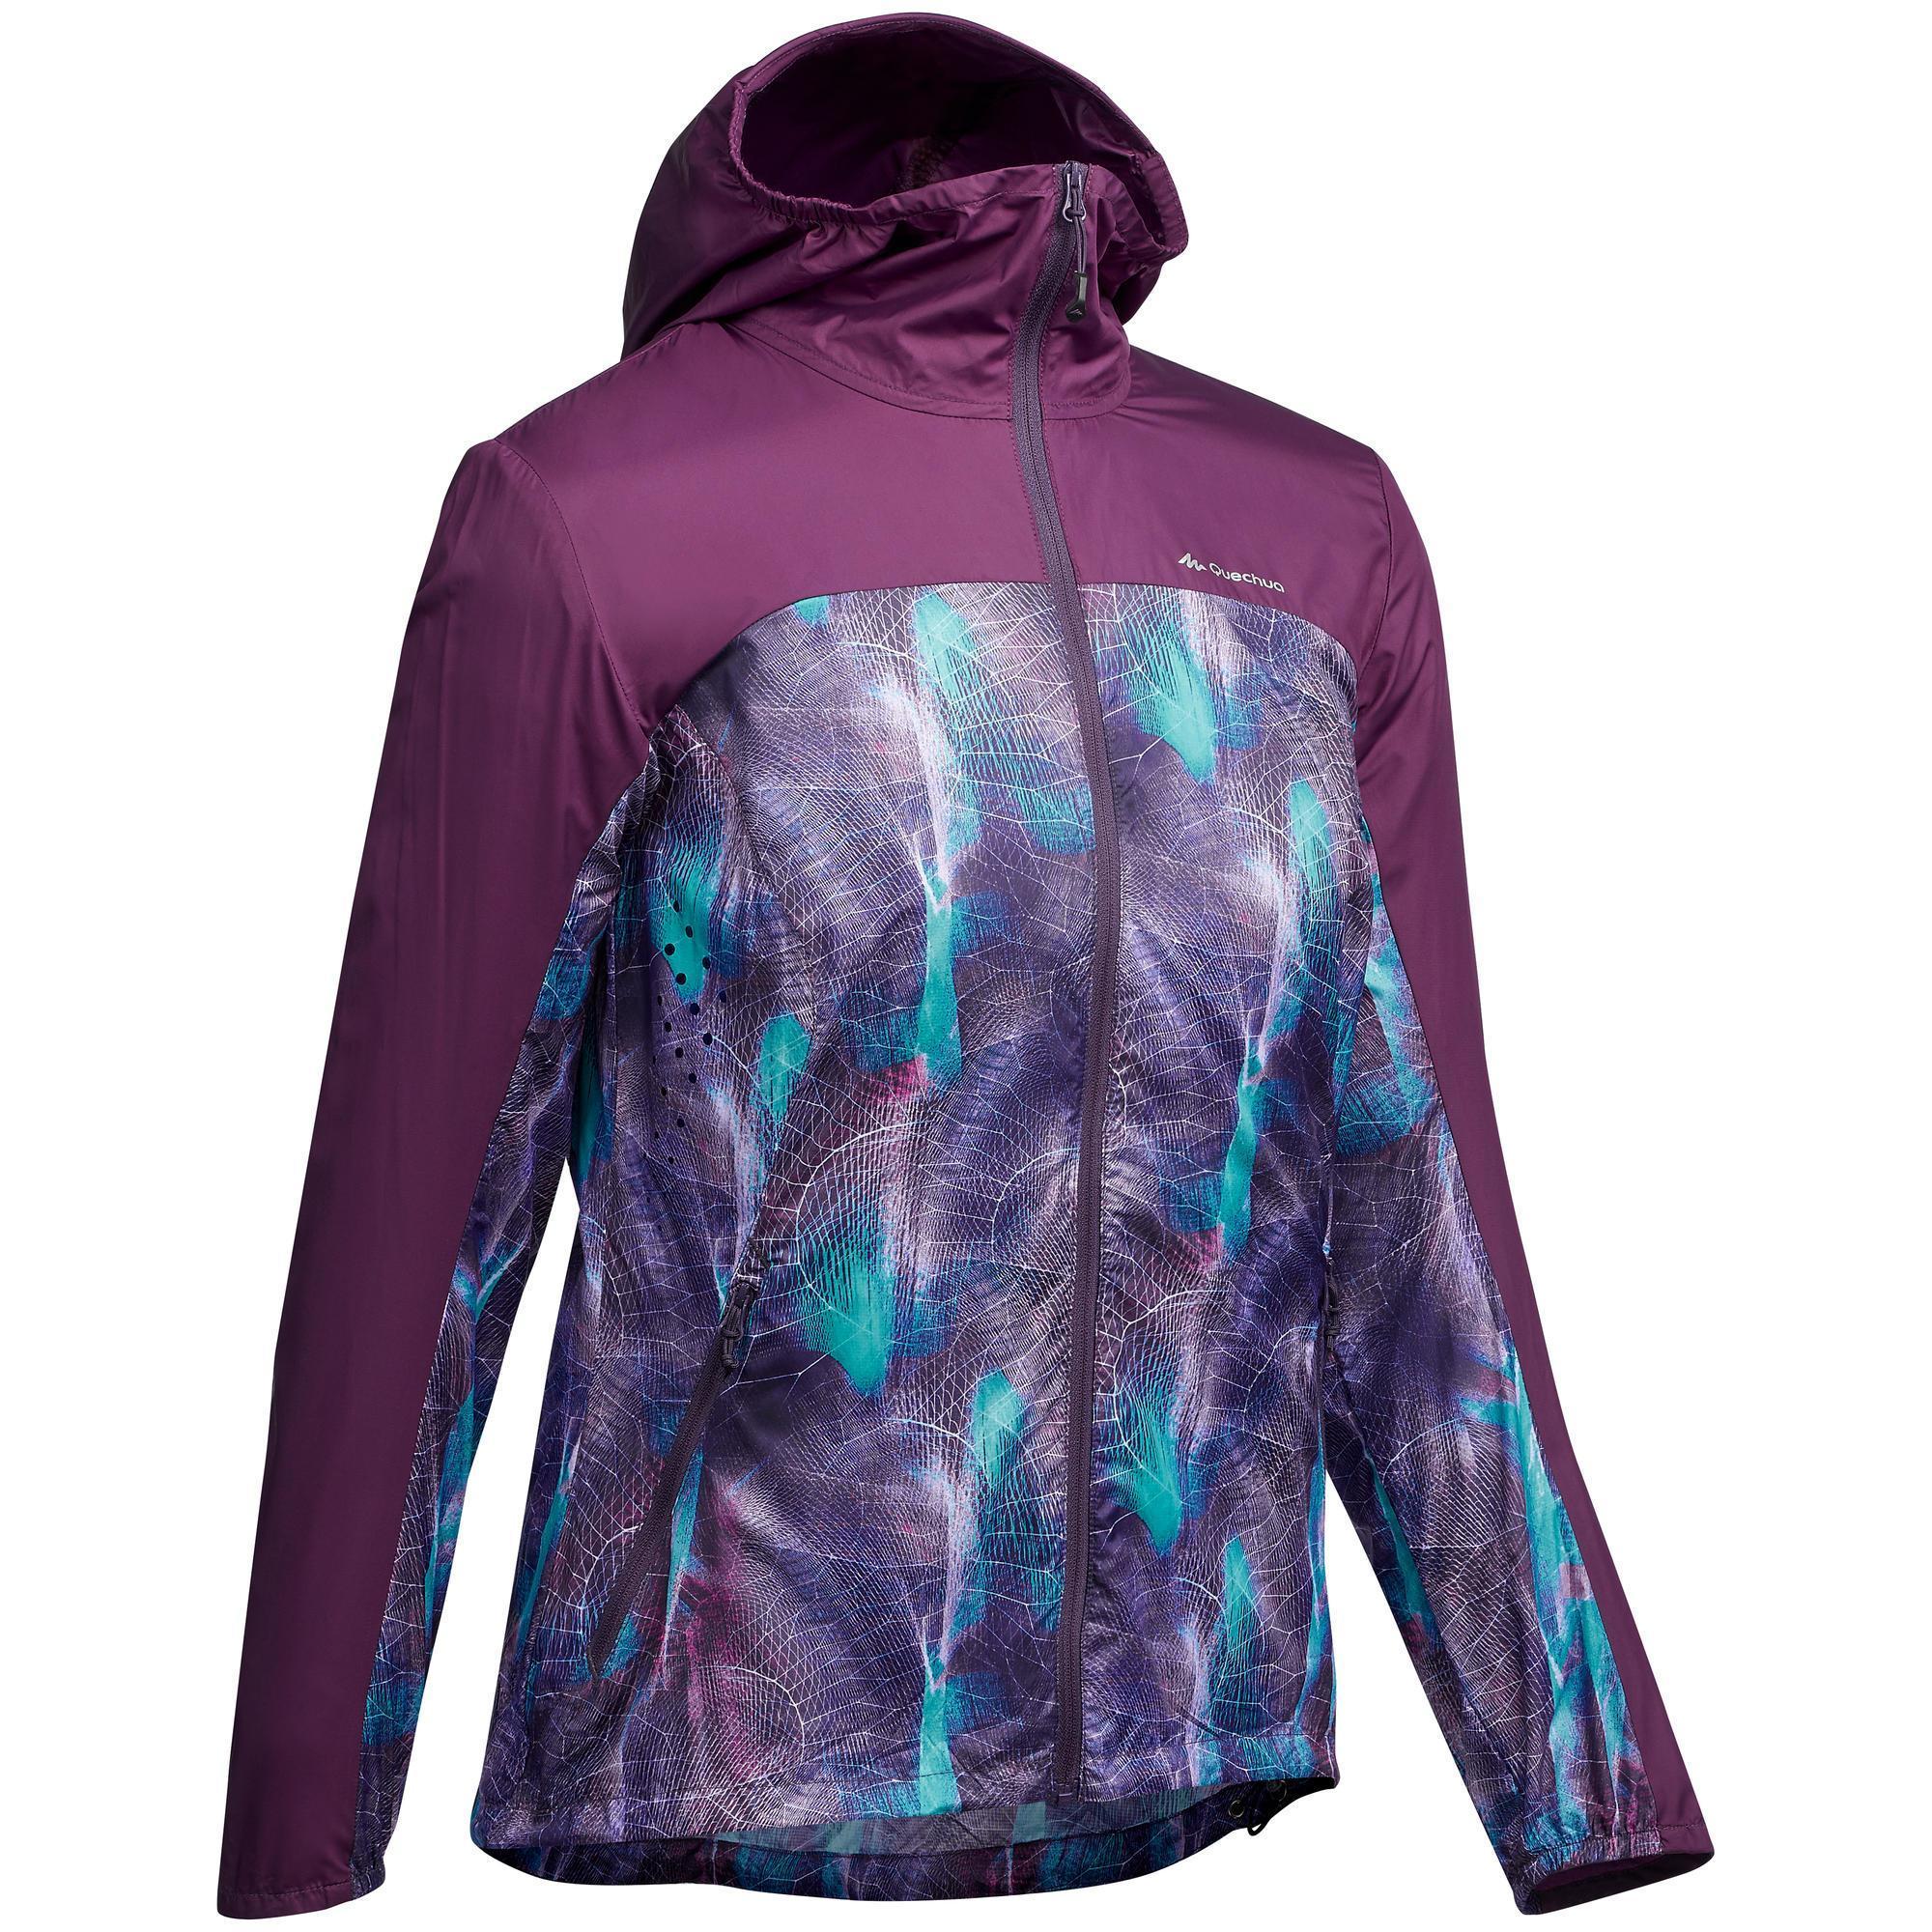 Windjacke Speed Hiking FH500 Helium Damen lila   Sportbekleidung > Sportjacken > Windbreaker   Violett - Blau - Türkis   Fleece   Quechua